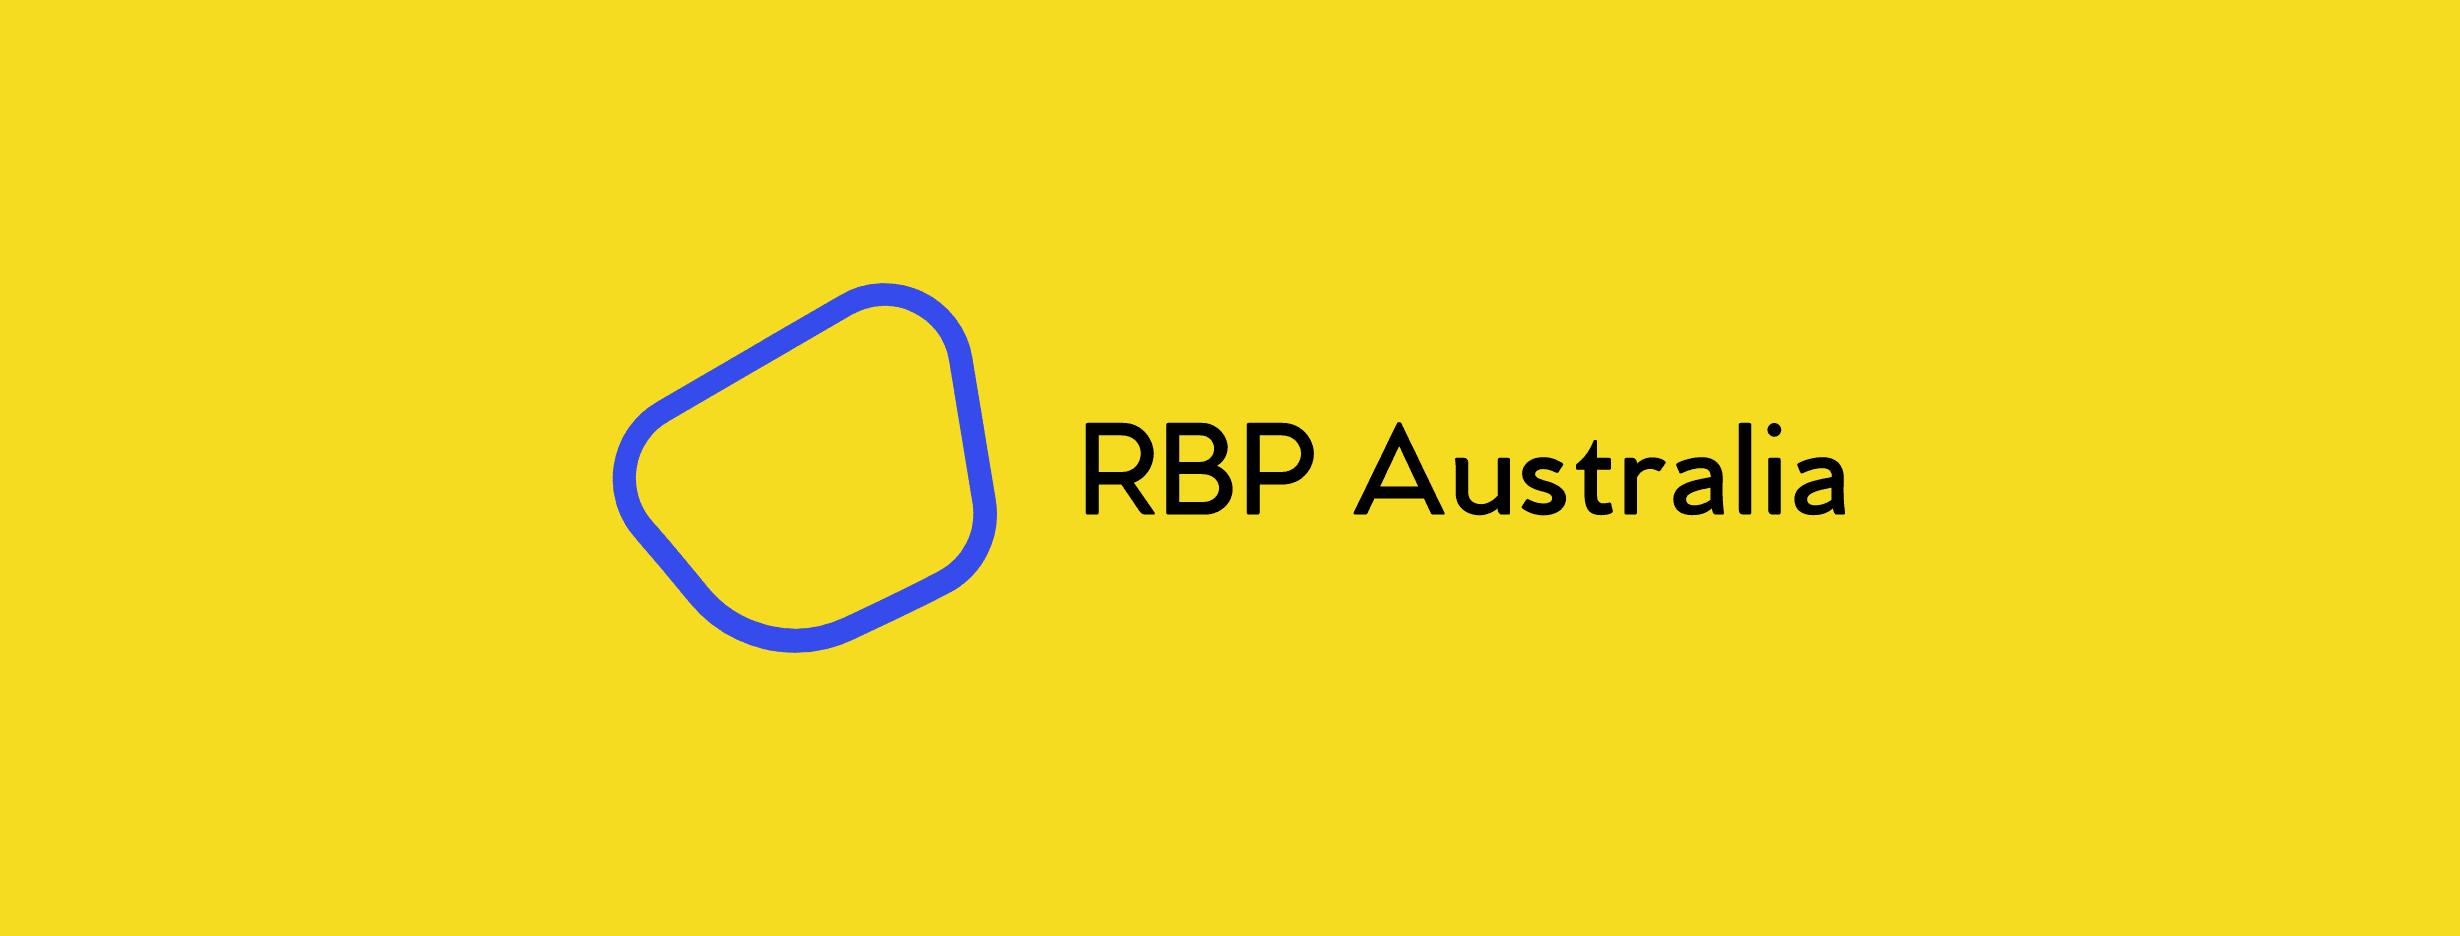 RBP Australia